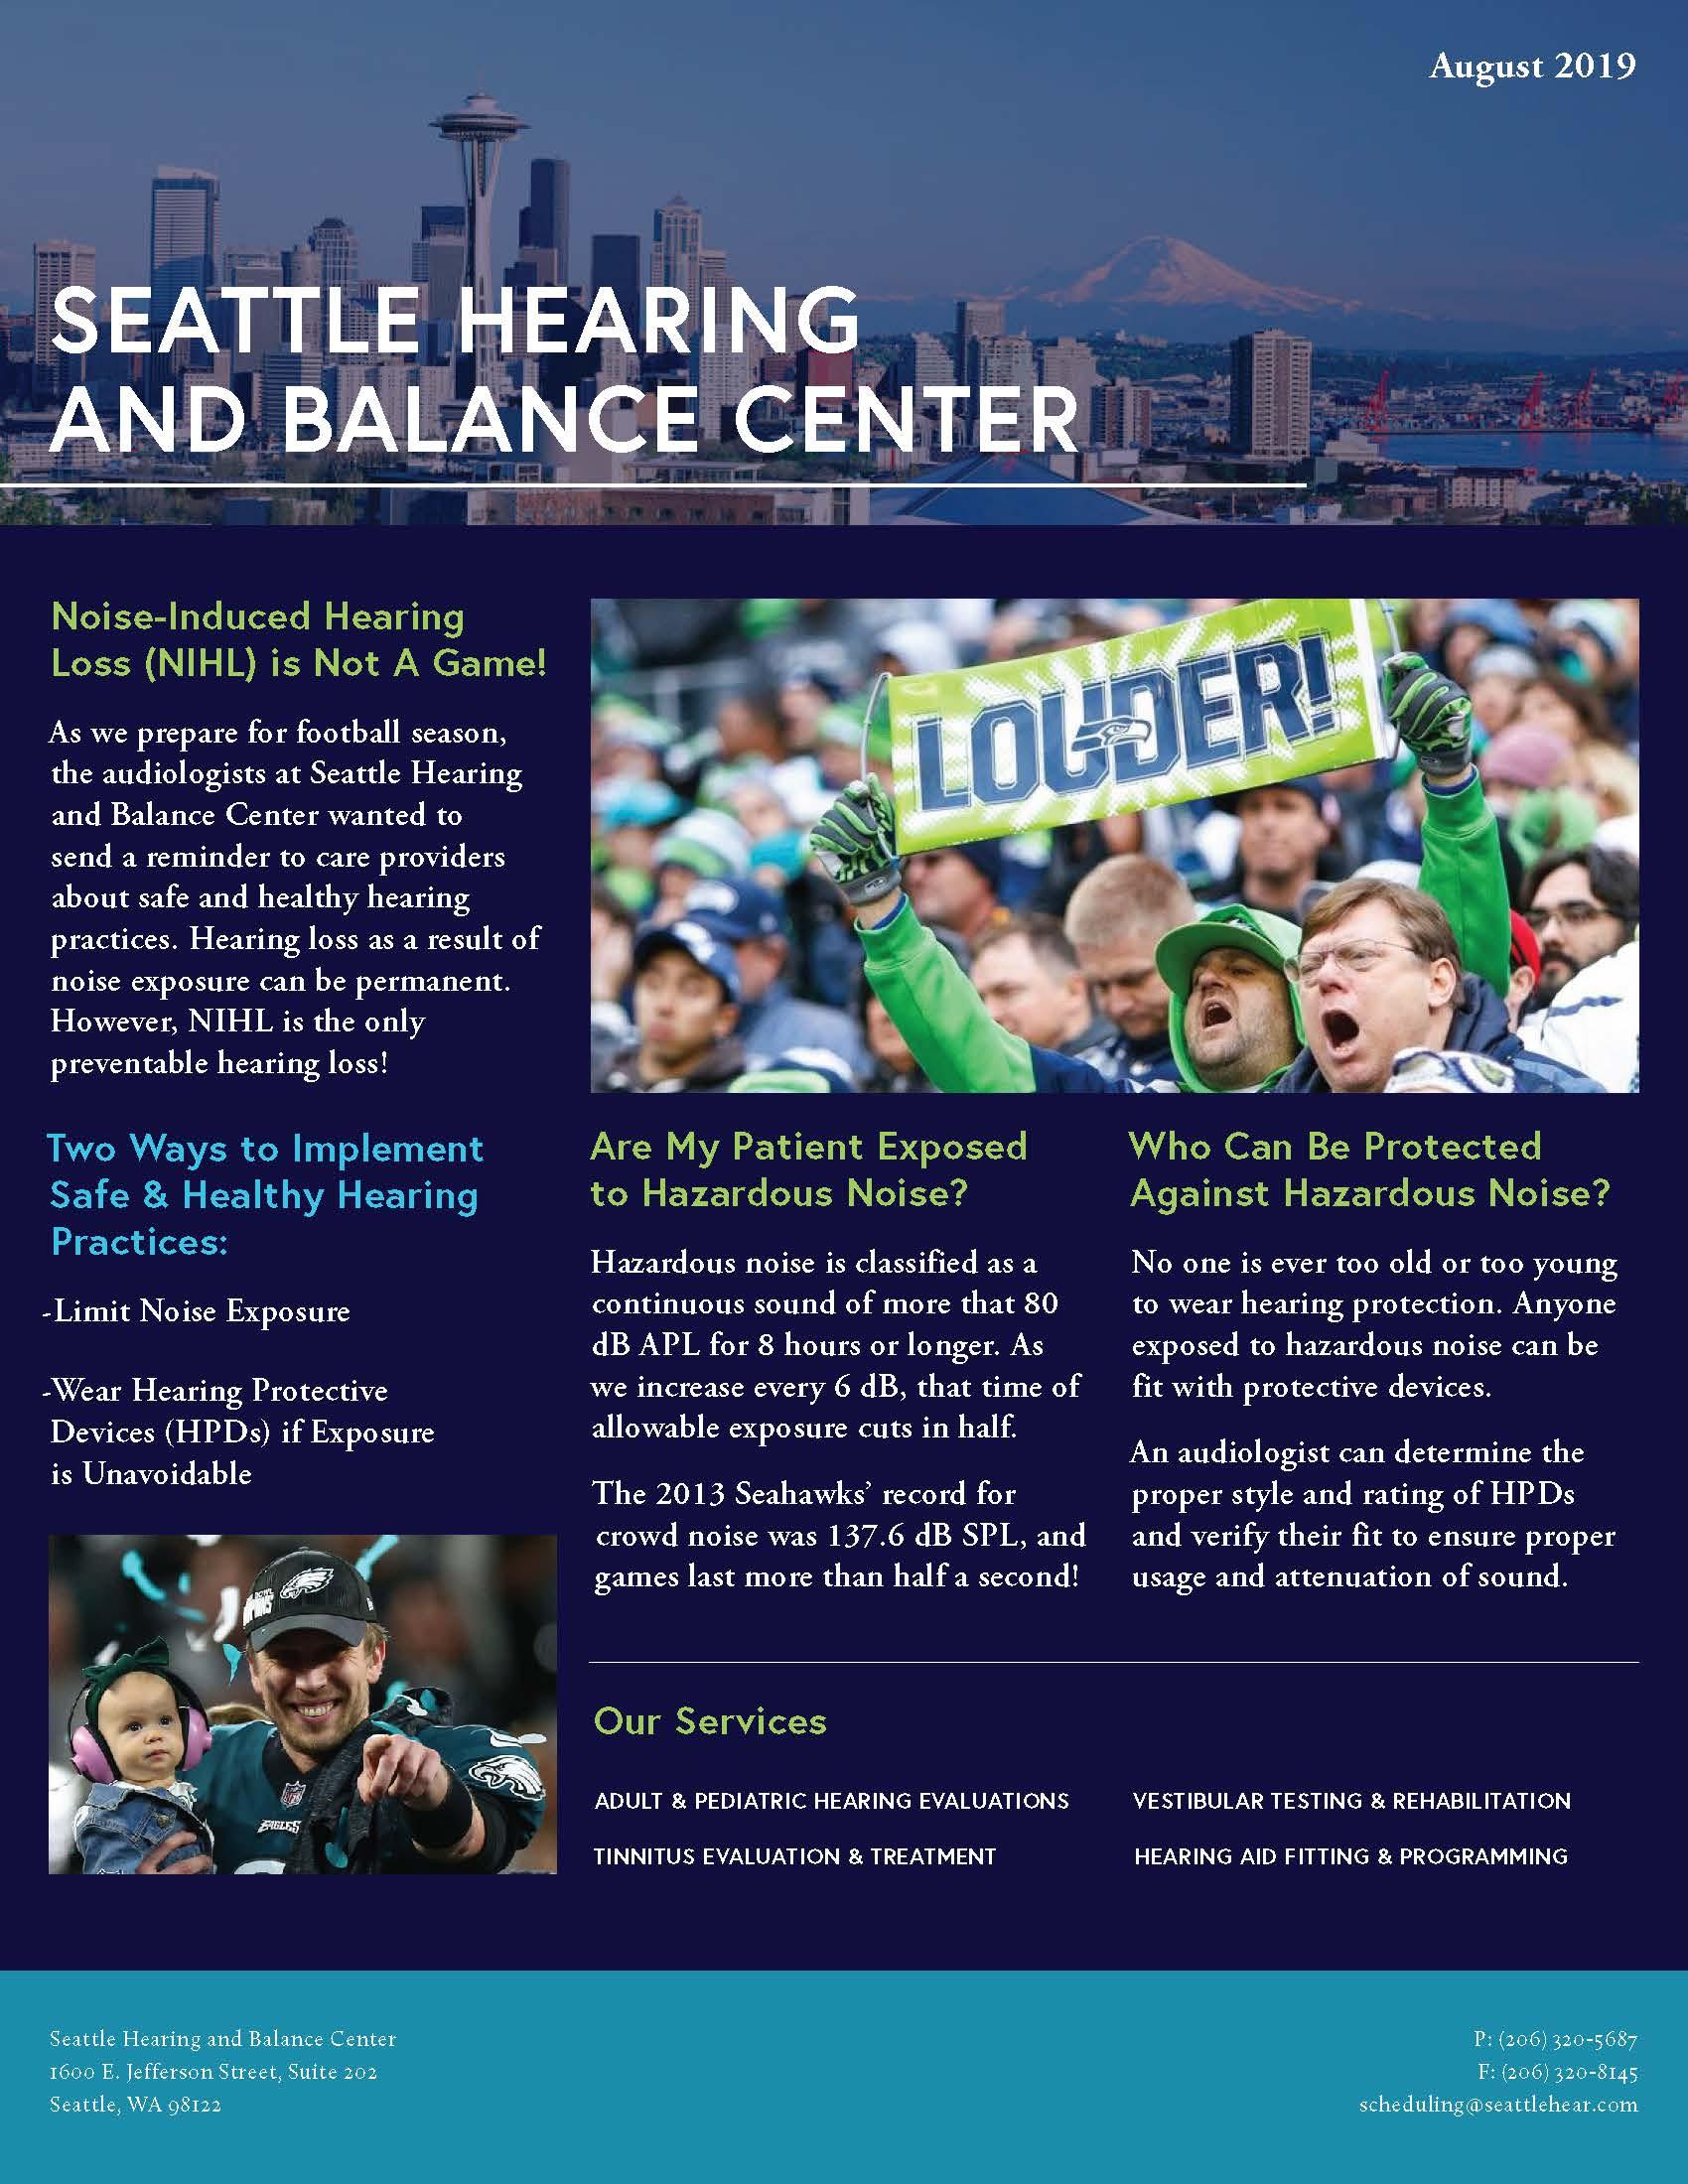 Seahawks_AugNewsletter_V2.jpg